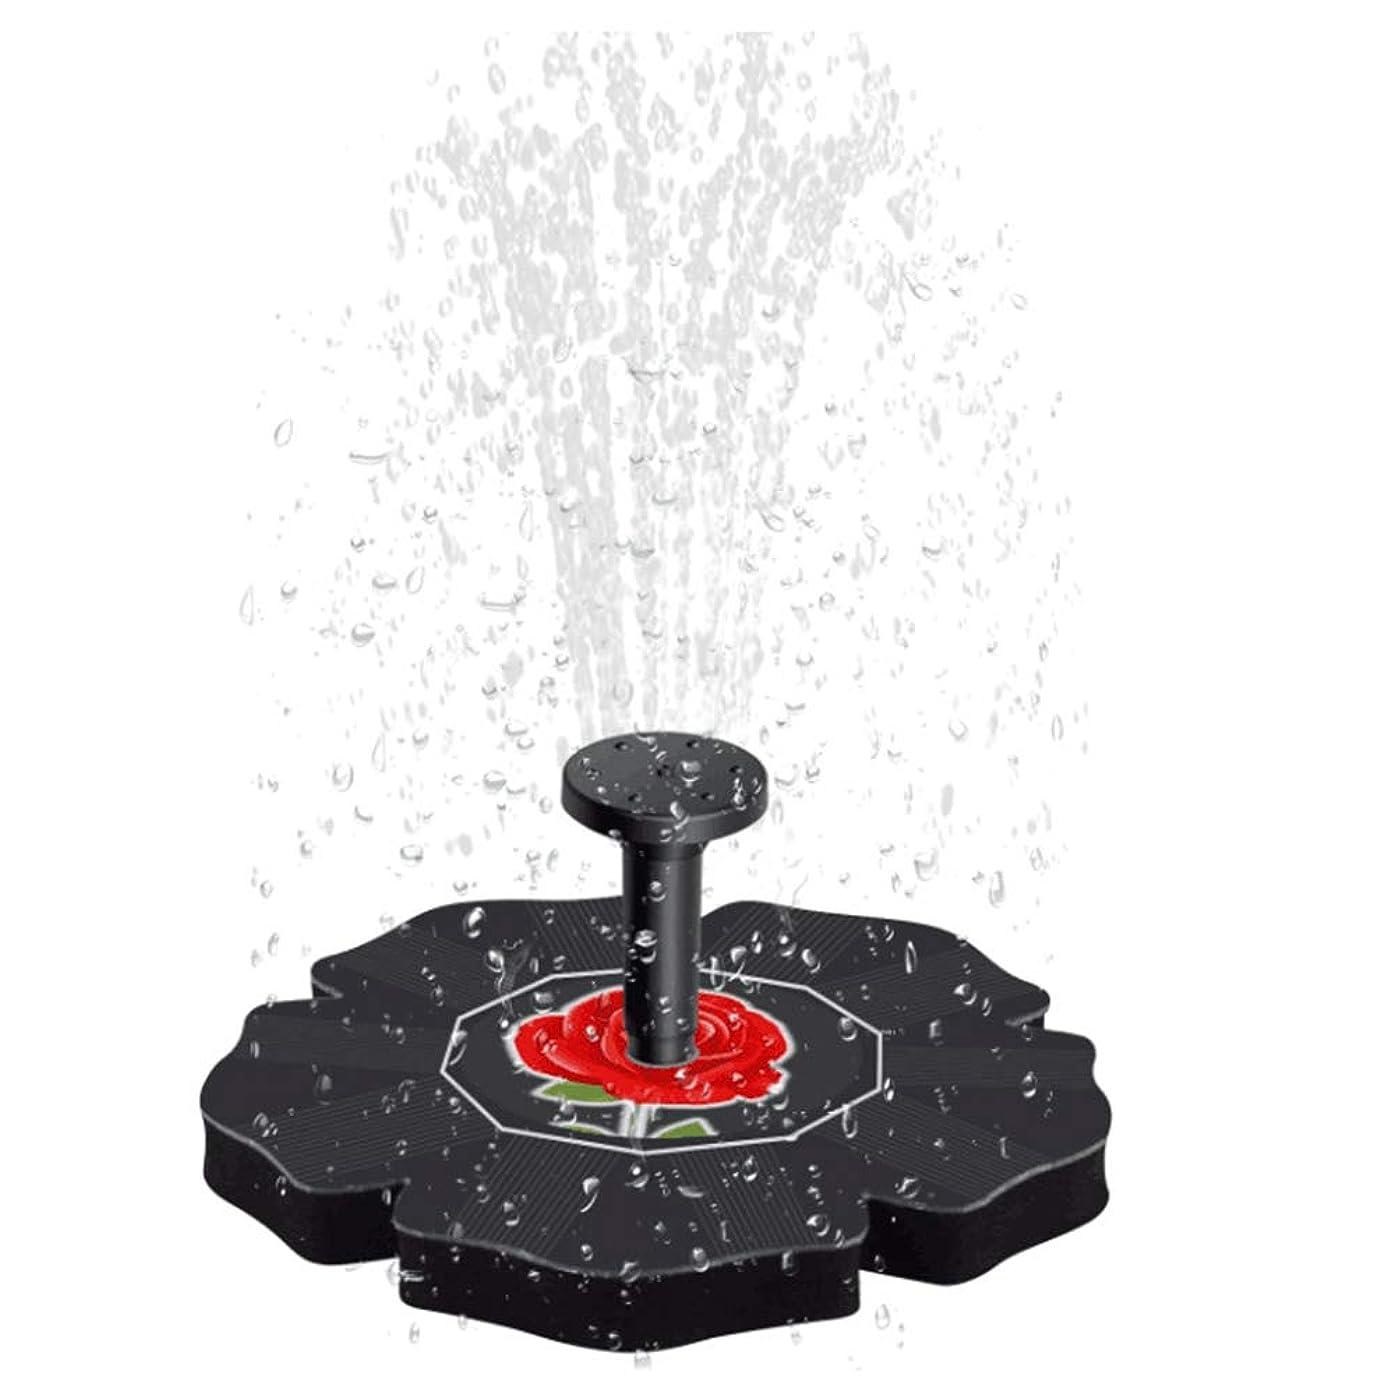 事業内容ゴシップガラガラVOSAREA 鳥風呂噴水水ポンプソーラーパワーポンプブラシレスフローティング漂流パネル用鳥風呂水槽水槽水族館庭の芝生